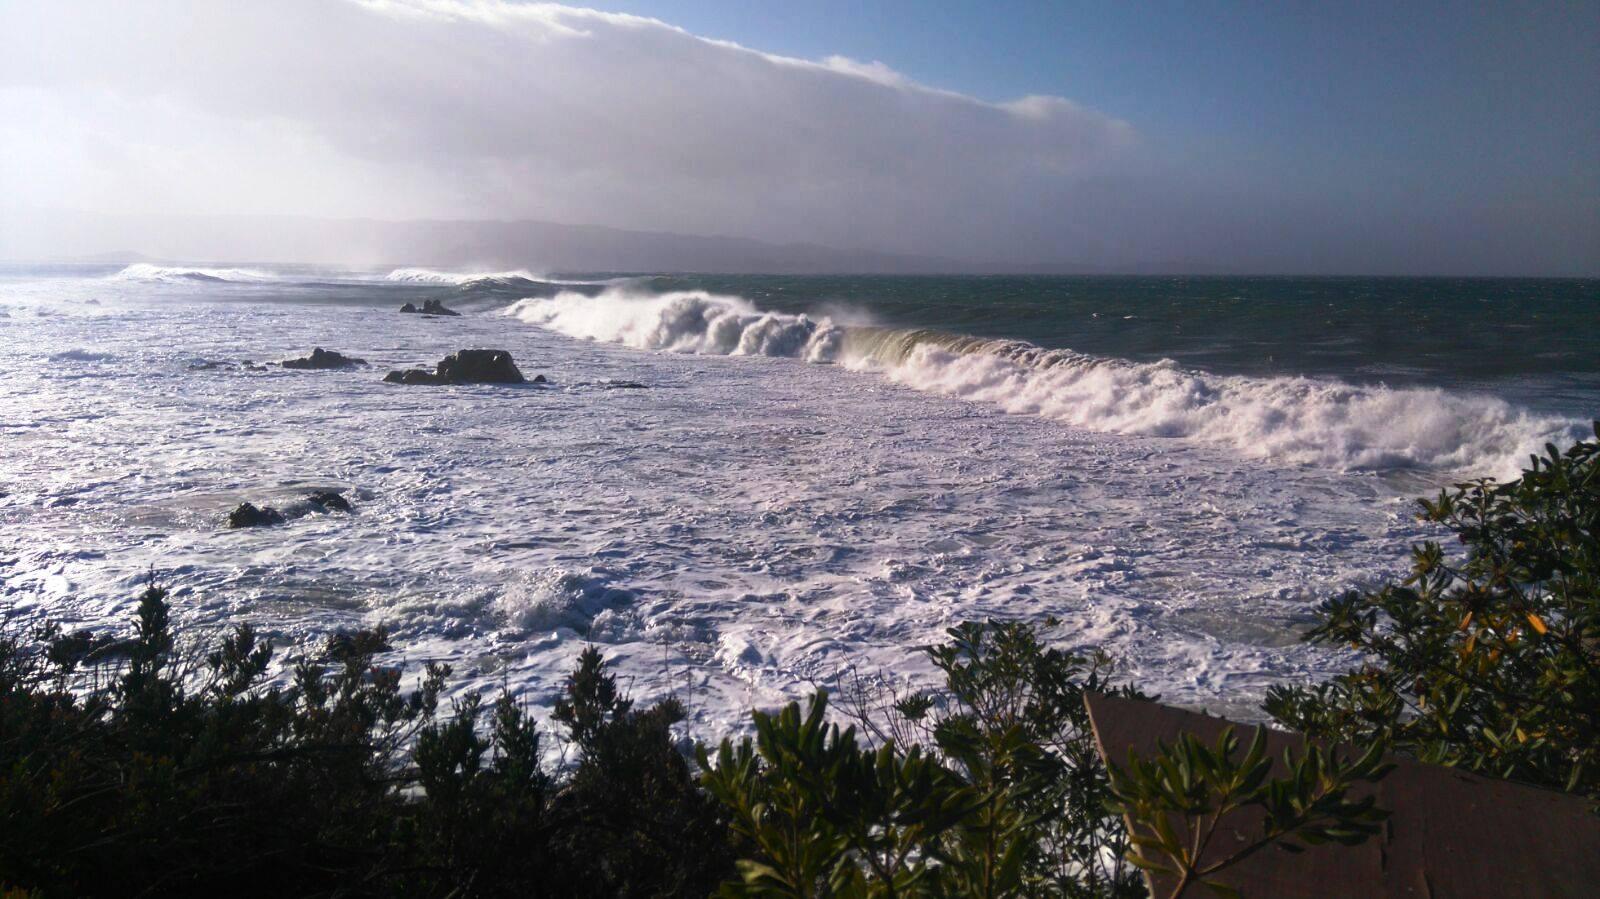 Météo : La tempête Zeus s'est éloignée vers l'Adriatique